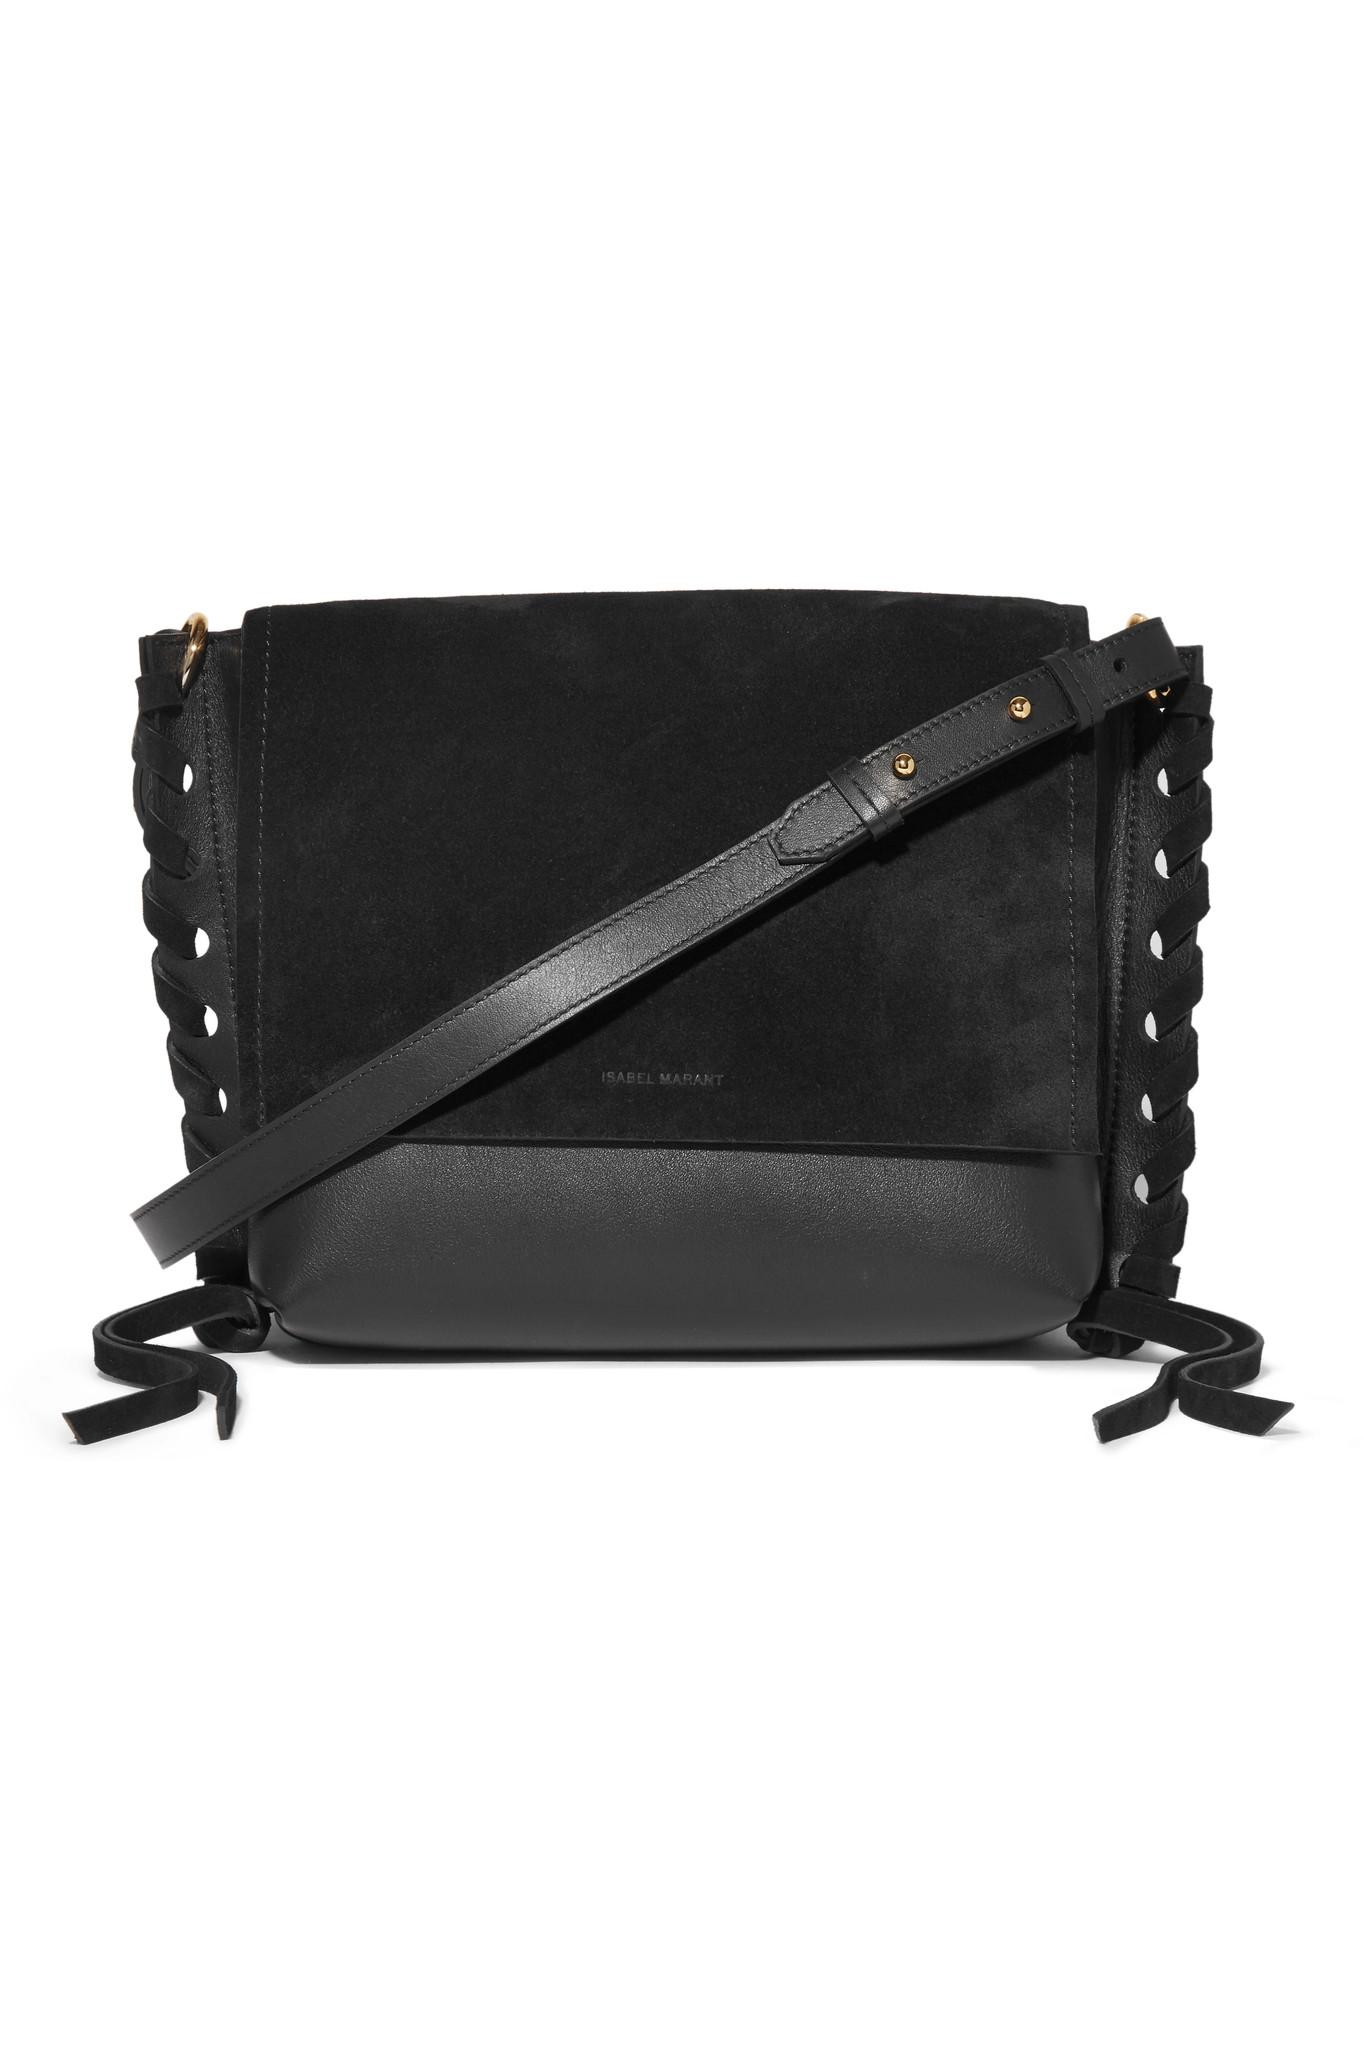 Asli Whipstitched Leather And Suede Shoulder Bag - Black Isabel Marant fT6kUGdM